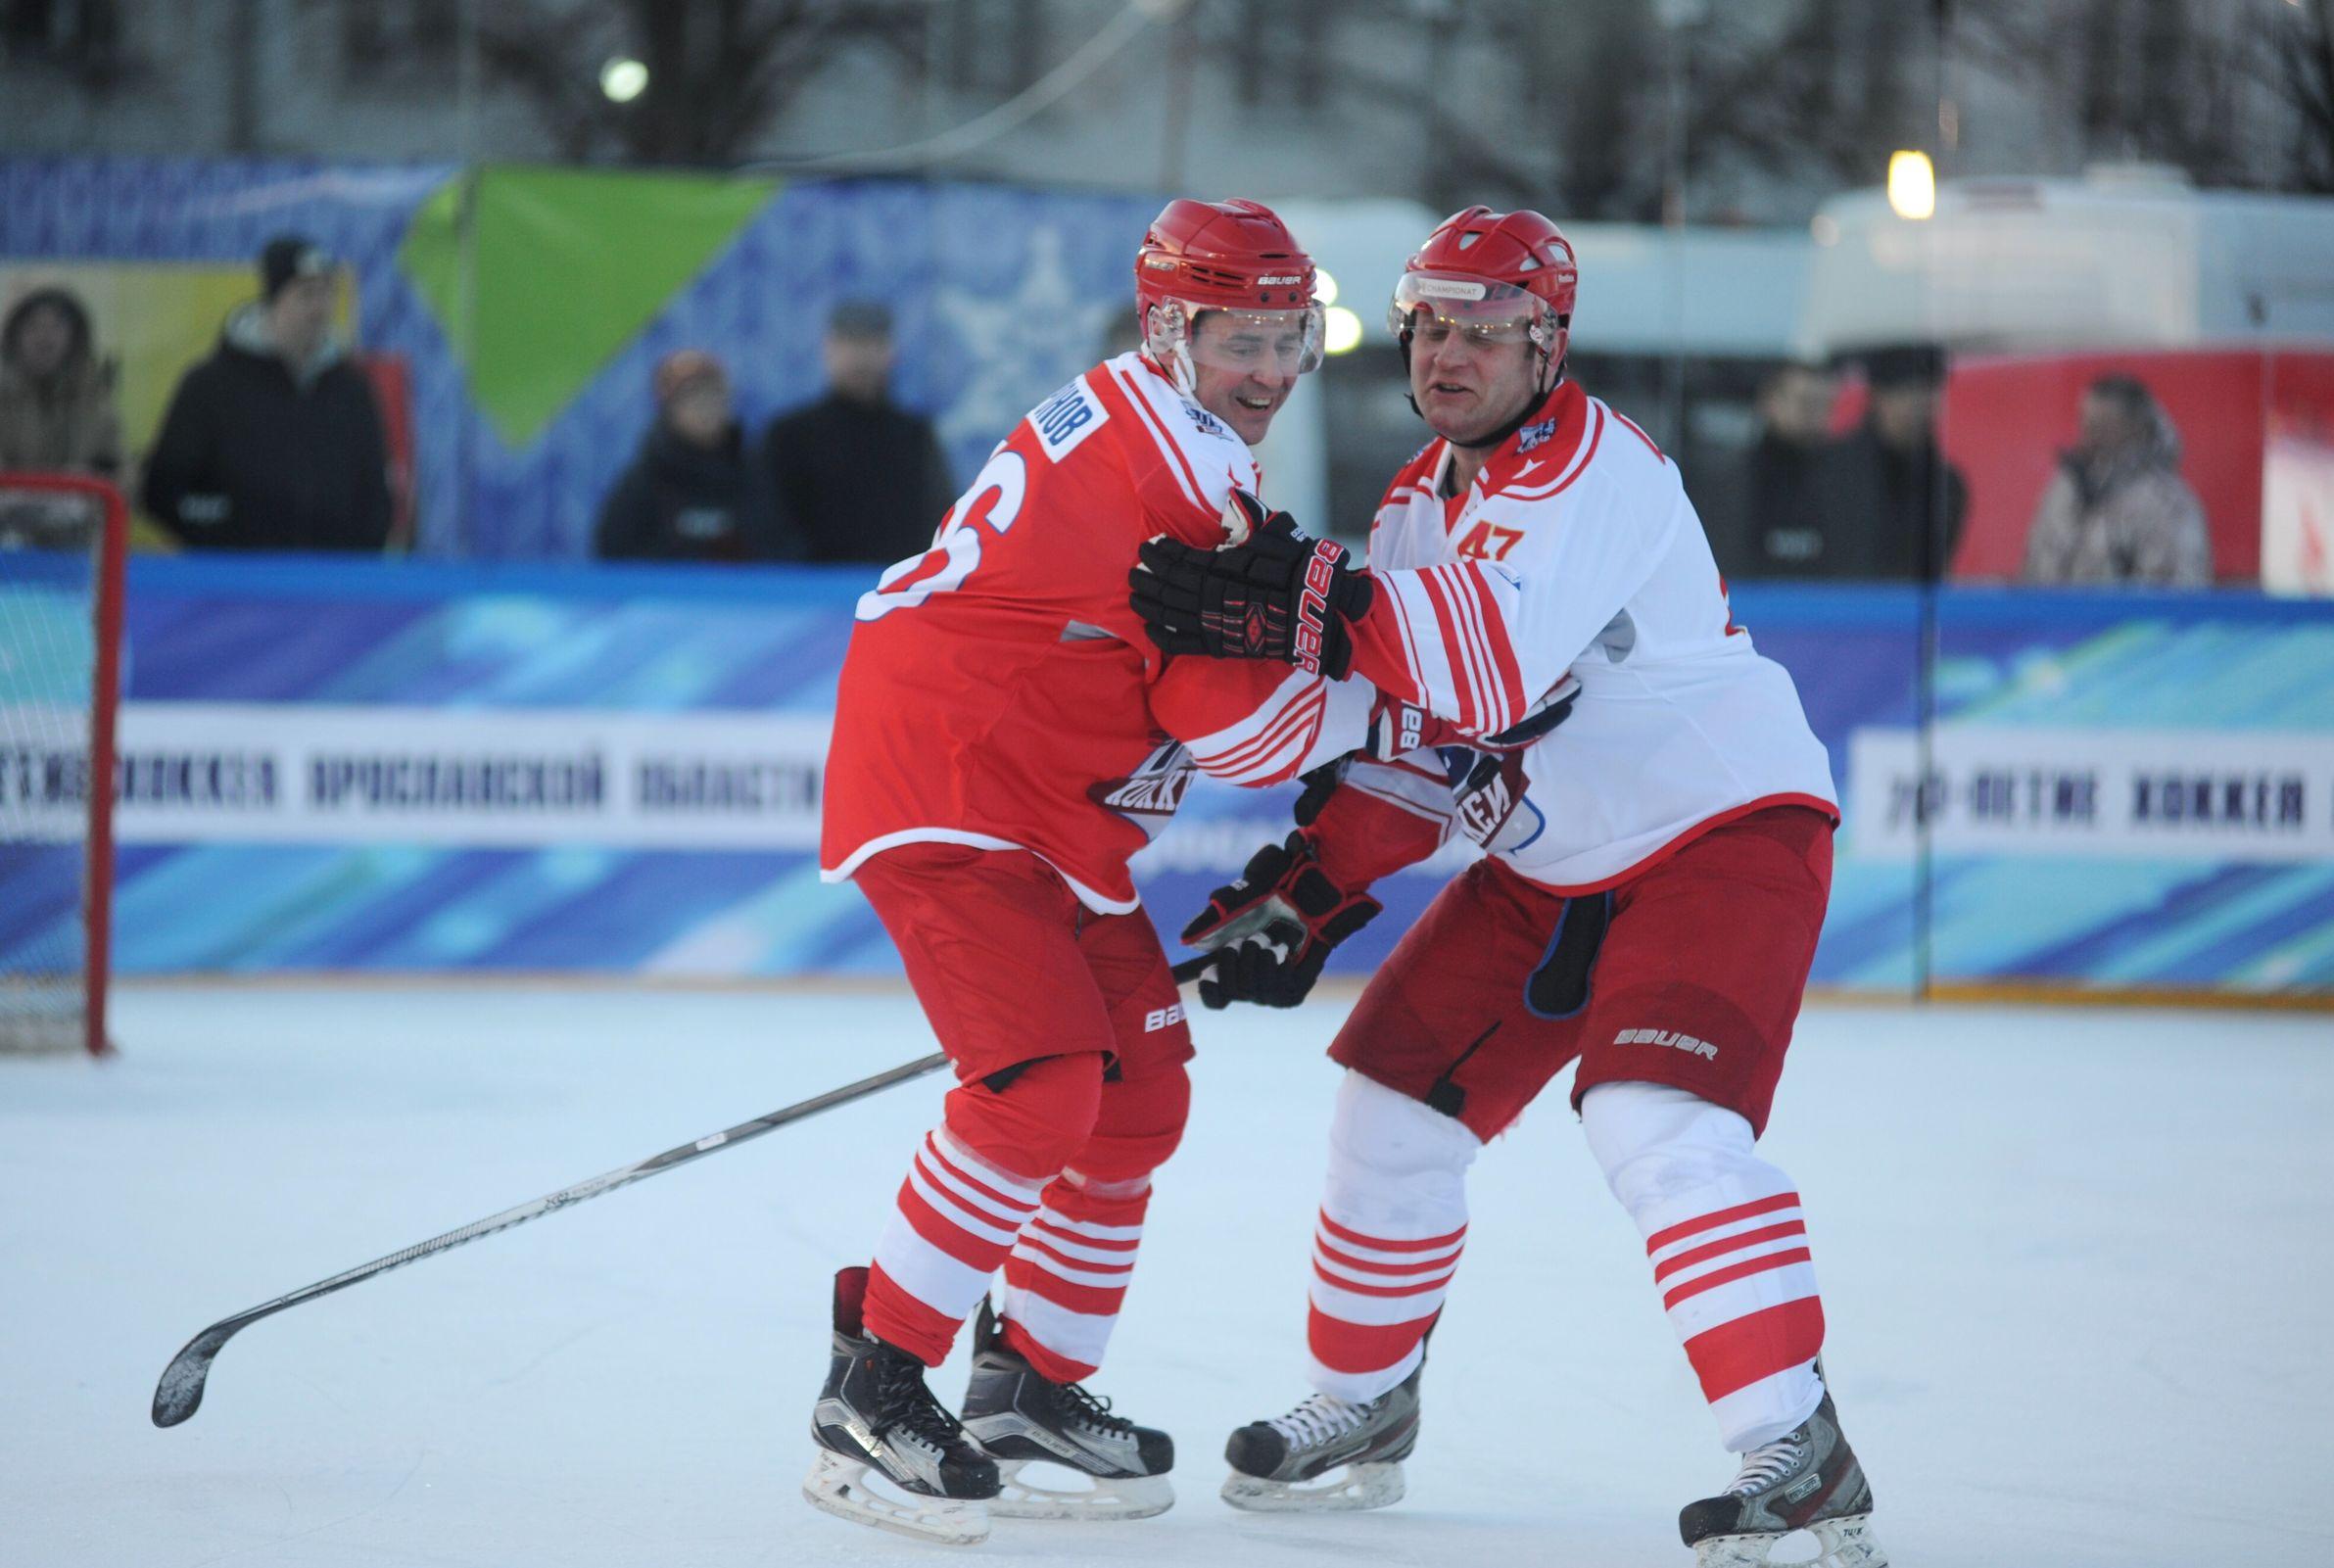 В Ярославле прошел матч с участием звезд, посвященный 70-летию хоккея в регионе